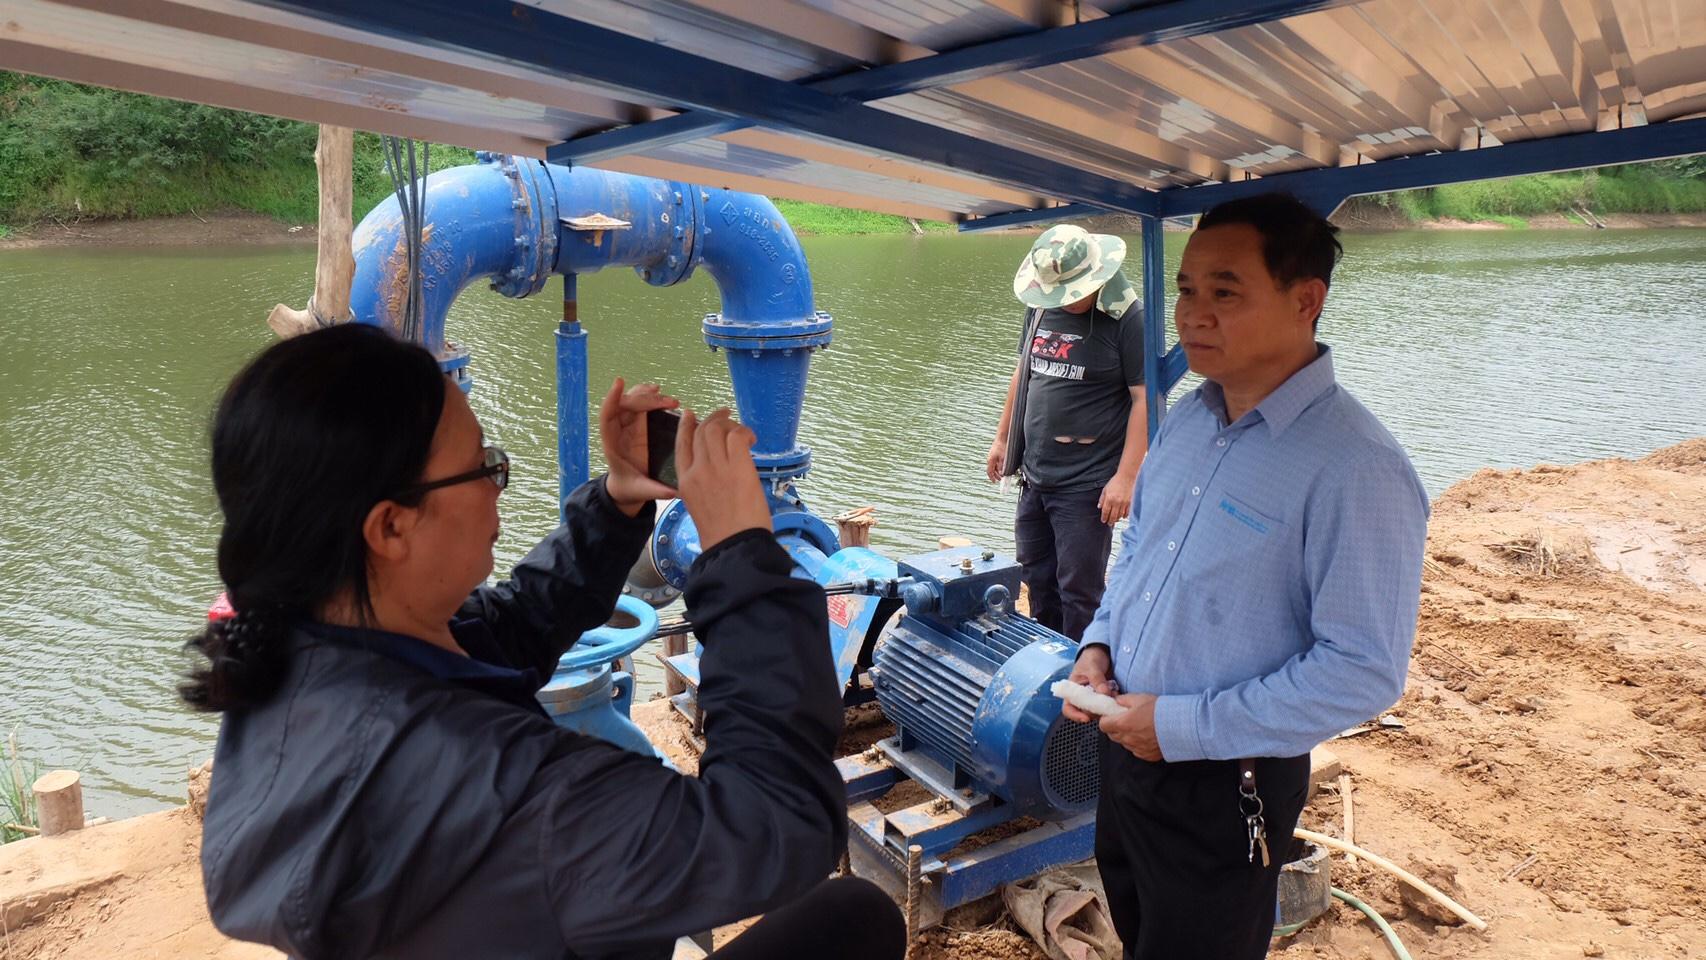 กปภ.สาขาขอนแก่น(พ) รายงานการติดตามสถานการณ์ภัยแล้ง และแก้ปัญหาแม่น้ำชีลดระดับต่ำลง จากสภาวะฝนทิ้งช่วง เป็นระยะเว